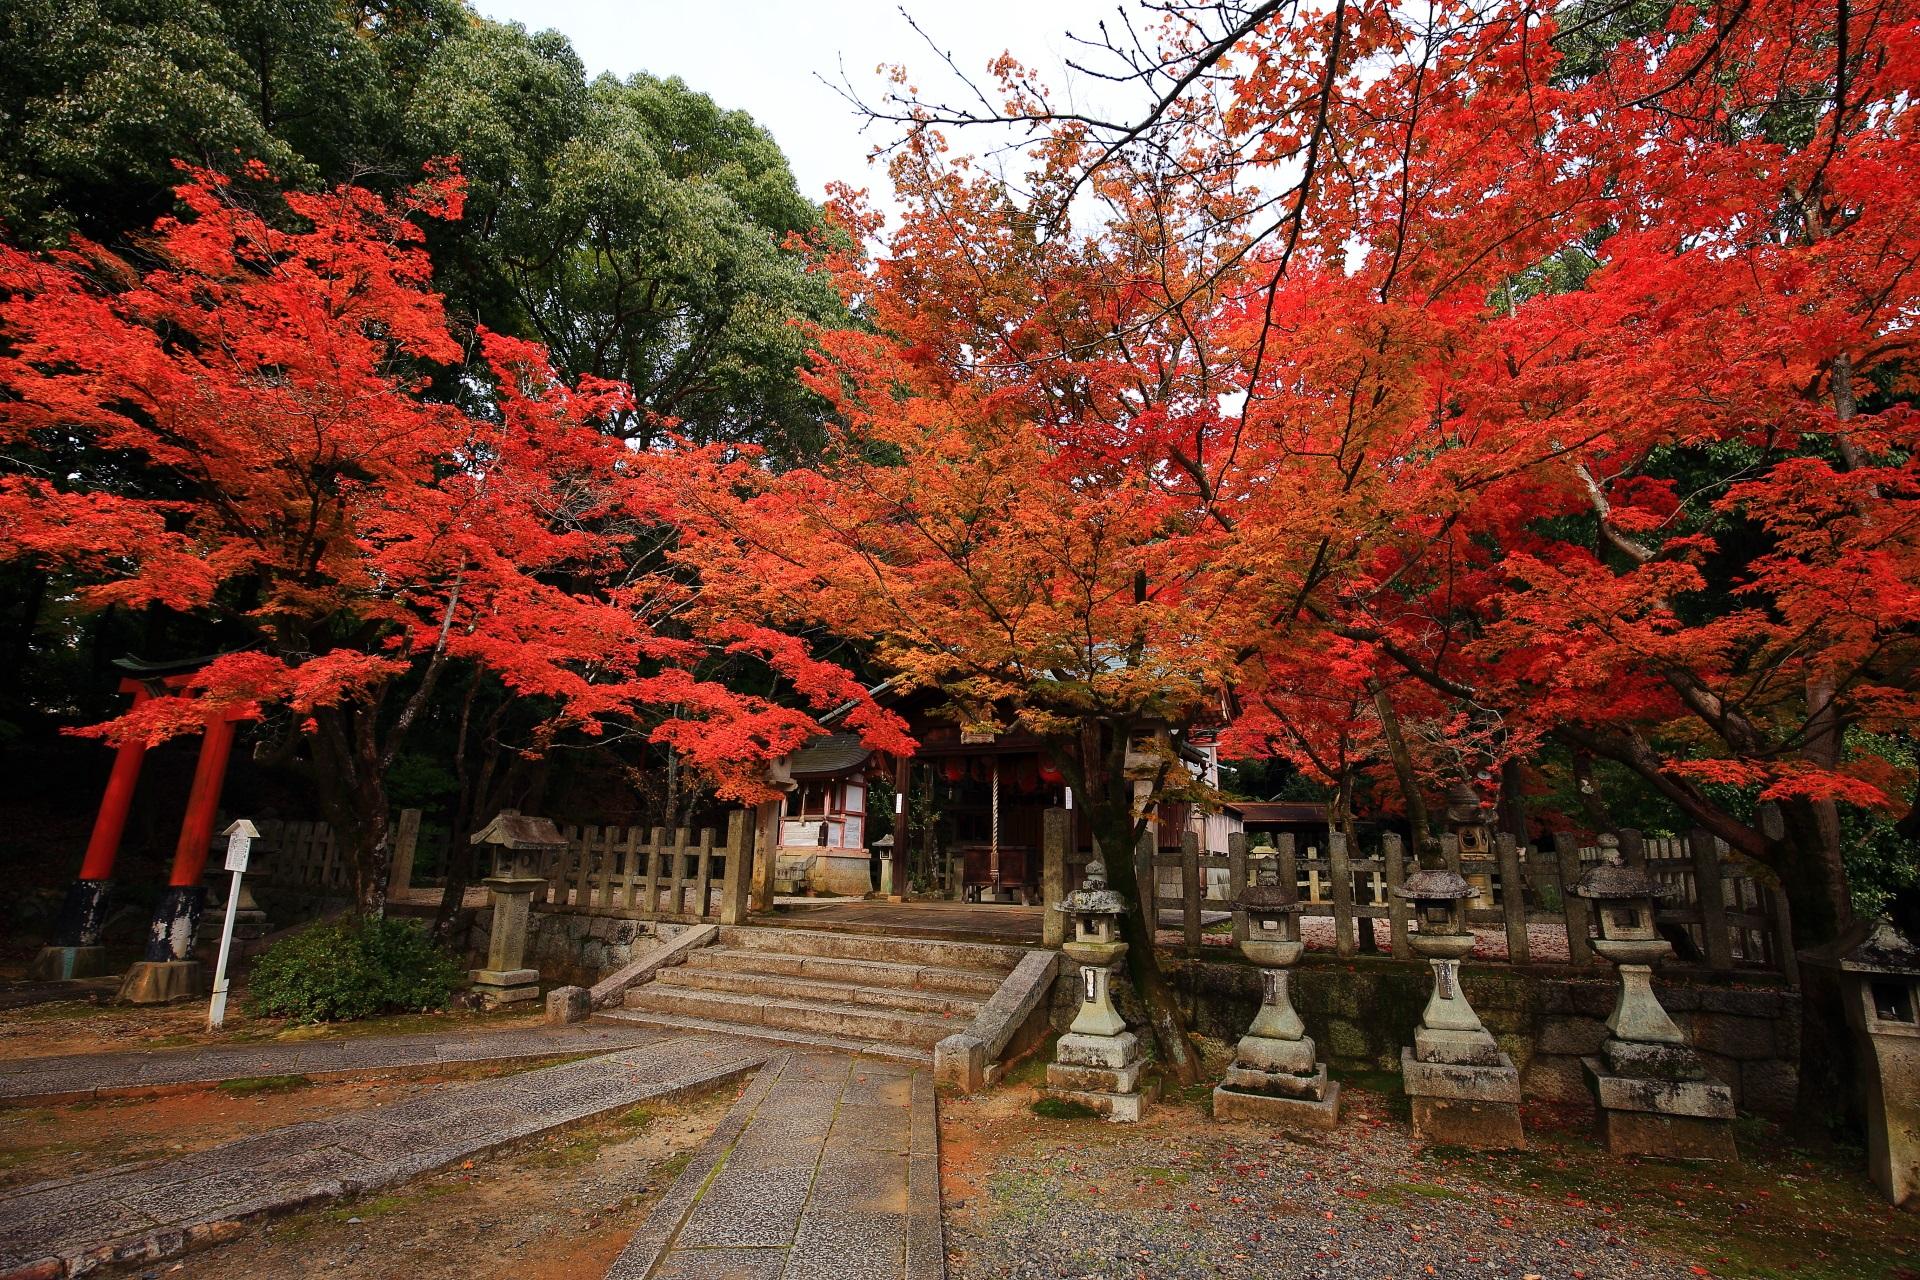 竹中稲荷神社の素晴らしい紅葉と秋の情景